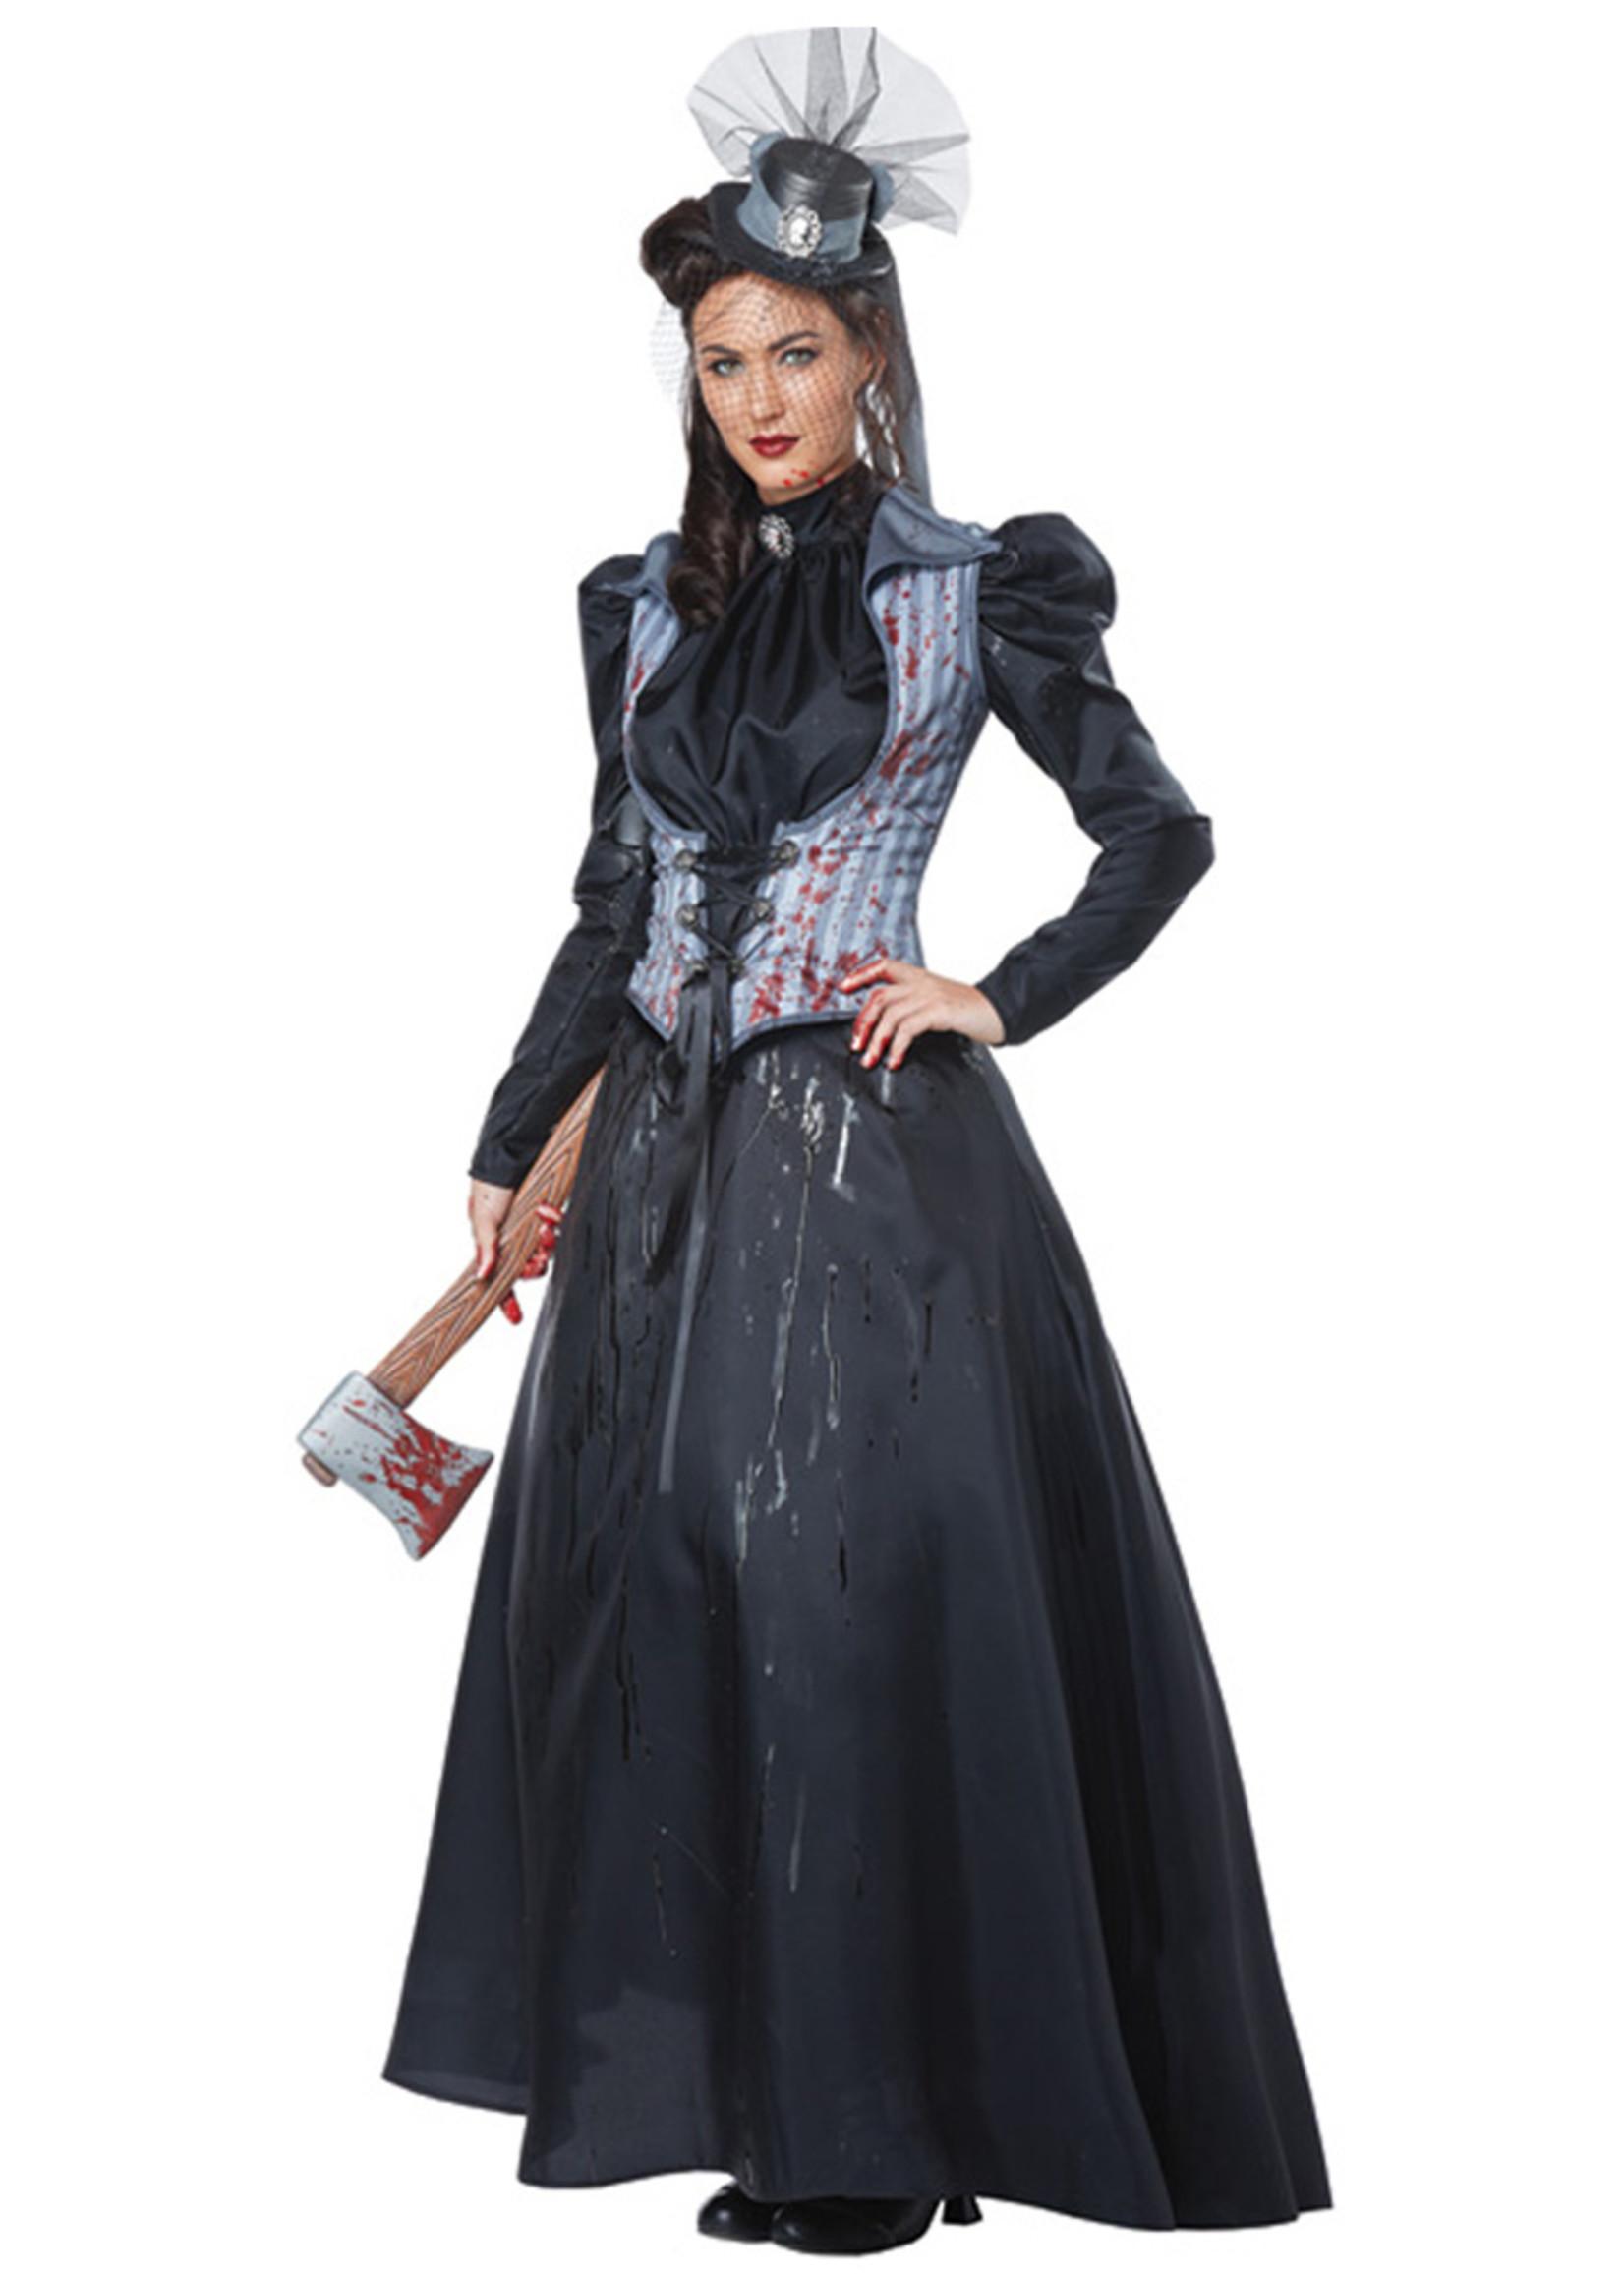 Lizzie Borden Costume - Women's